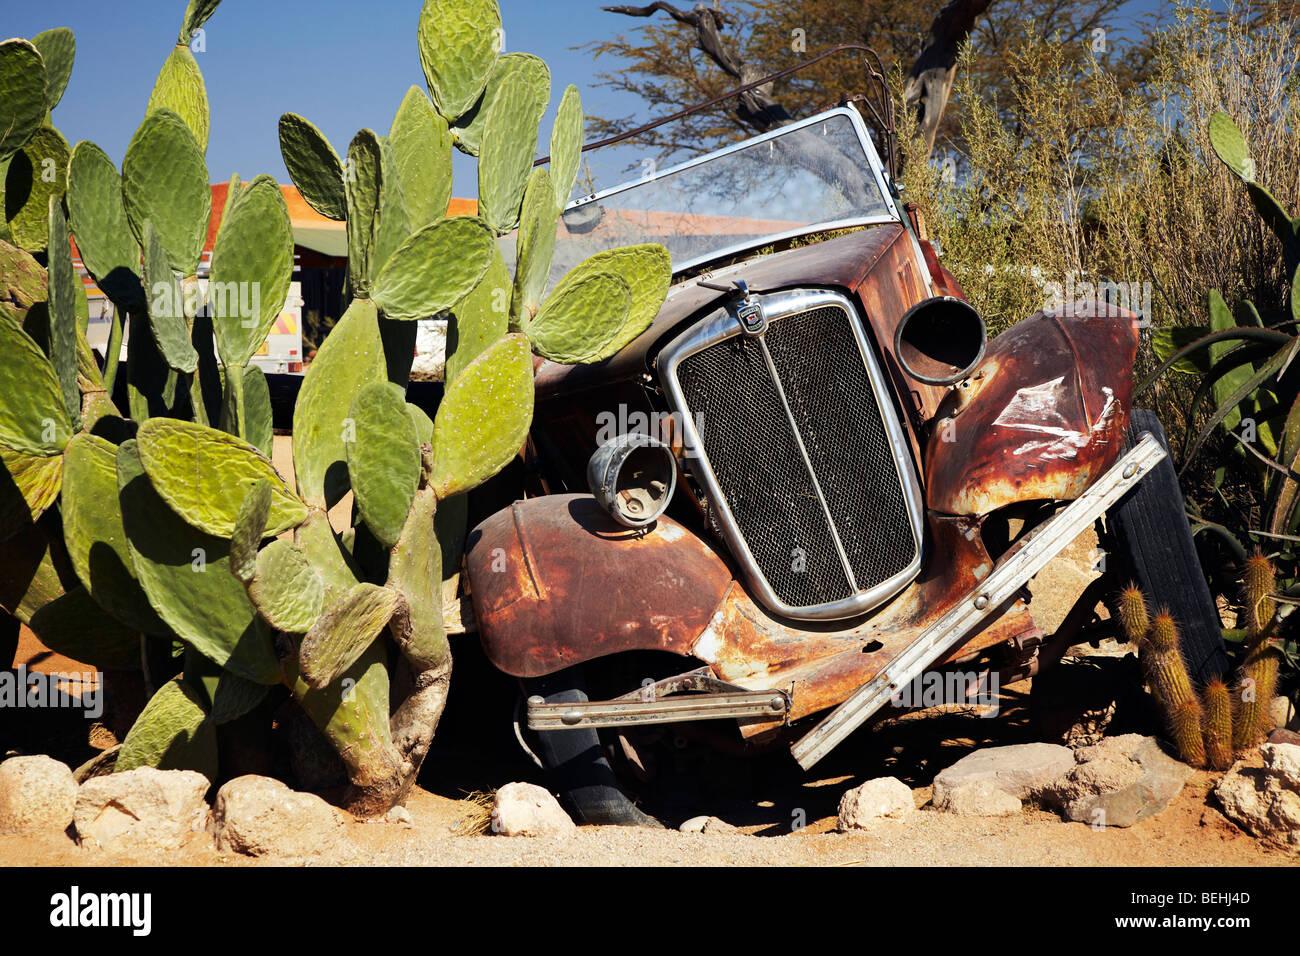 Class voiture à cactus, Solitaire, en Namibie Photo Stock